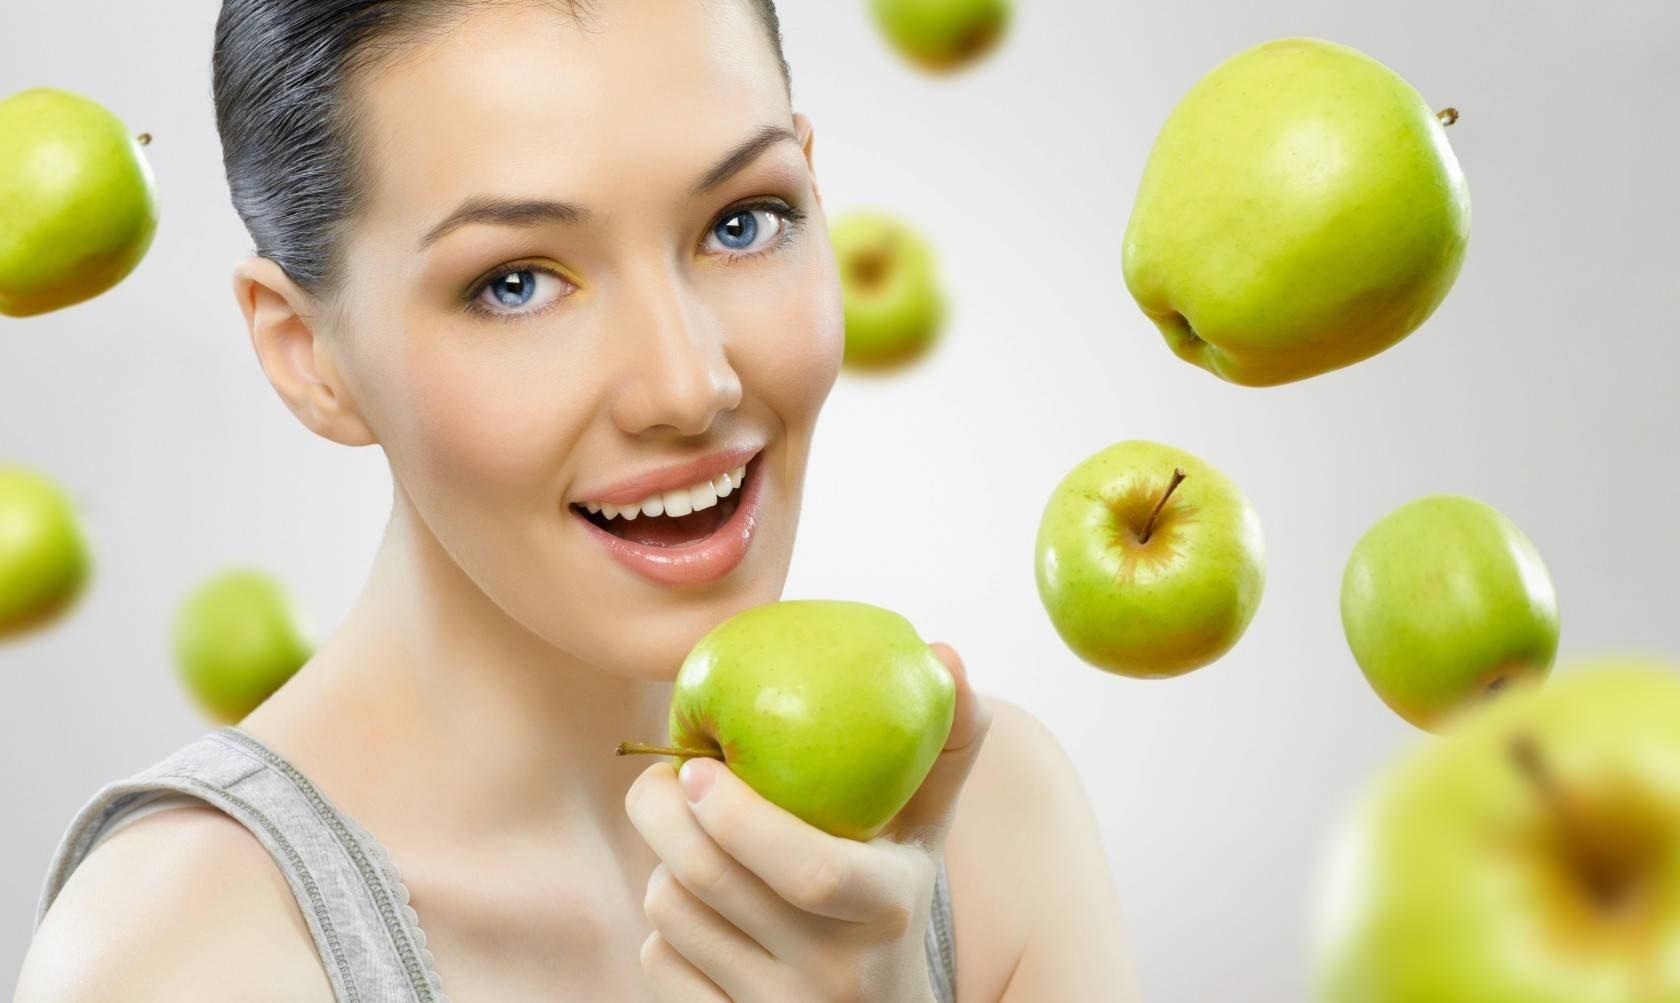 девушка держит яблоко